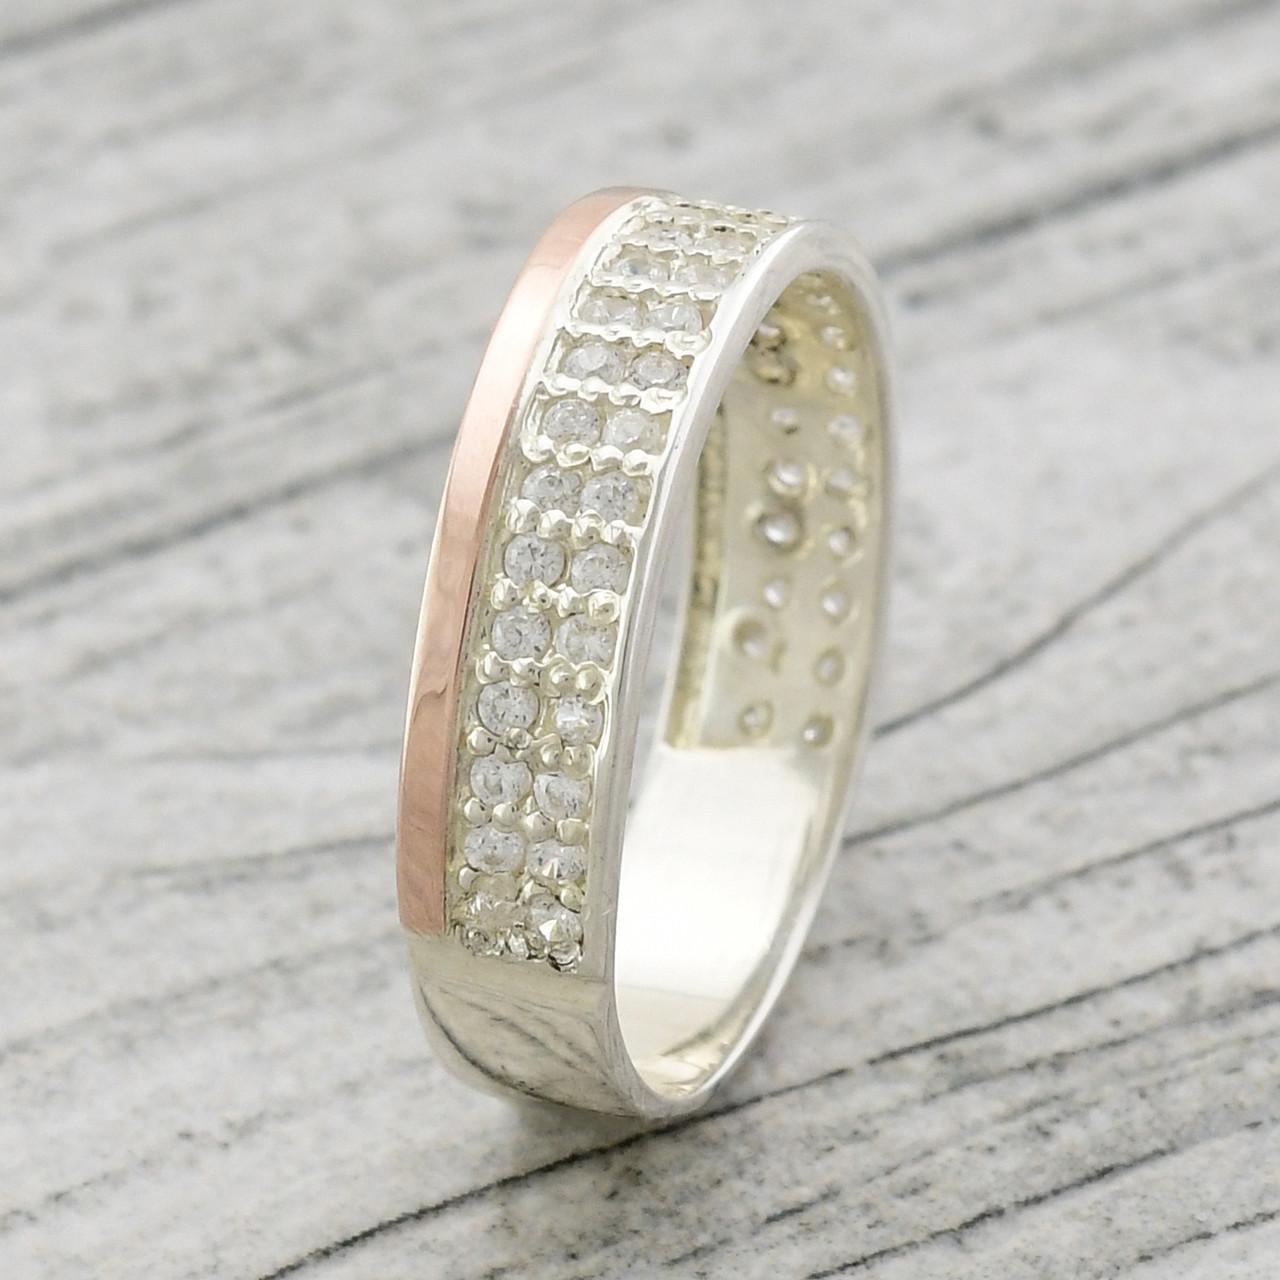 Серебряное кольцо с золотом Римма вставка белые фианиты вес 2.5 г размер 18